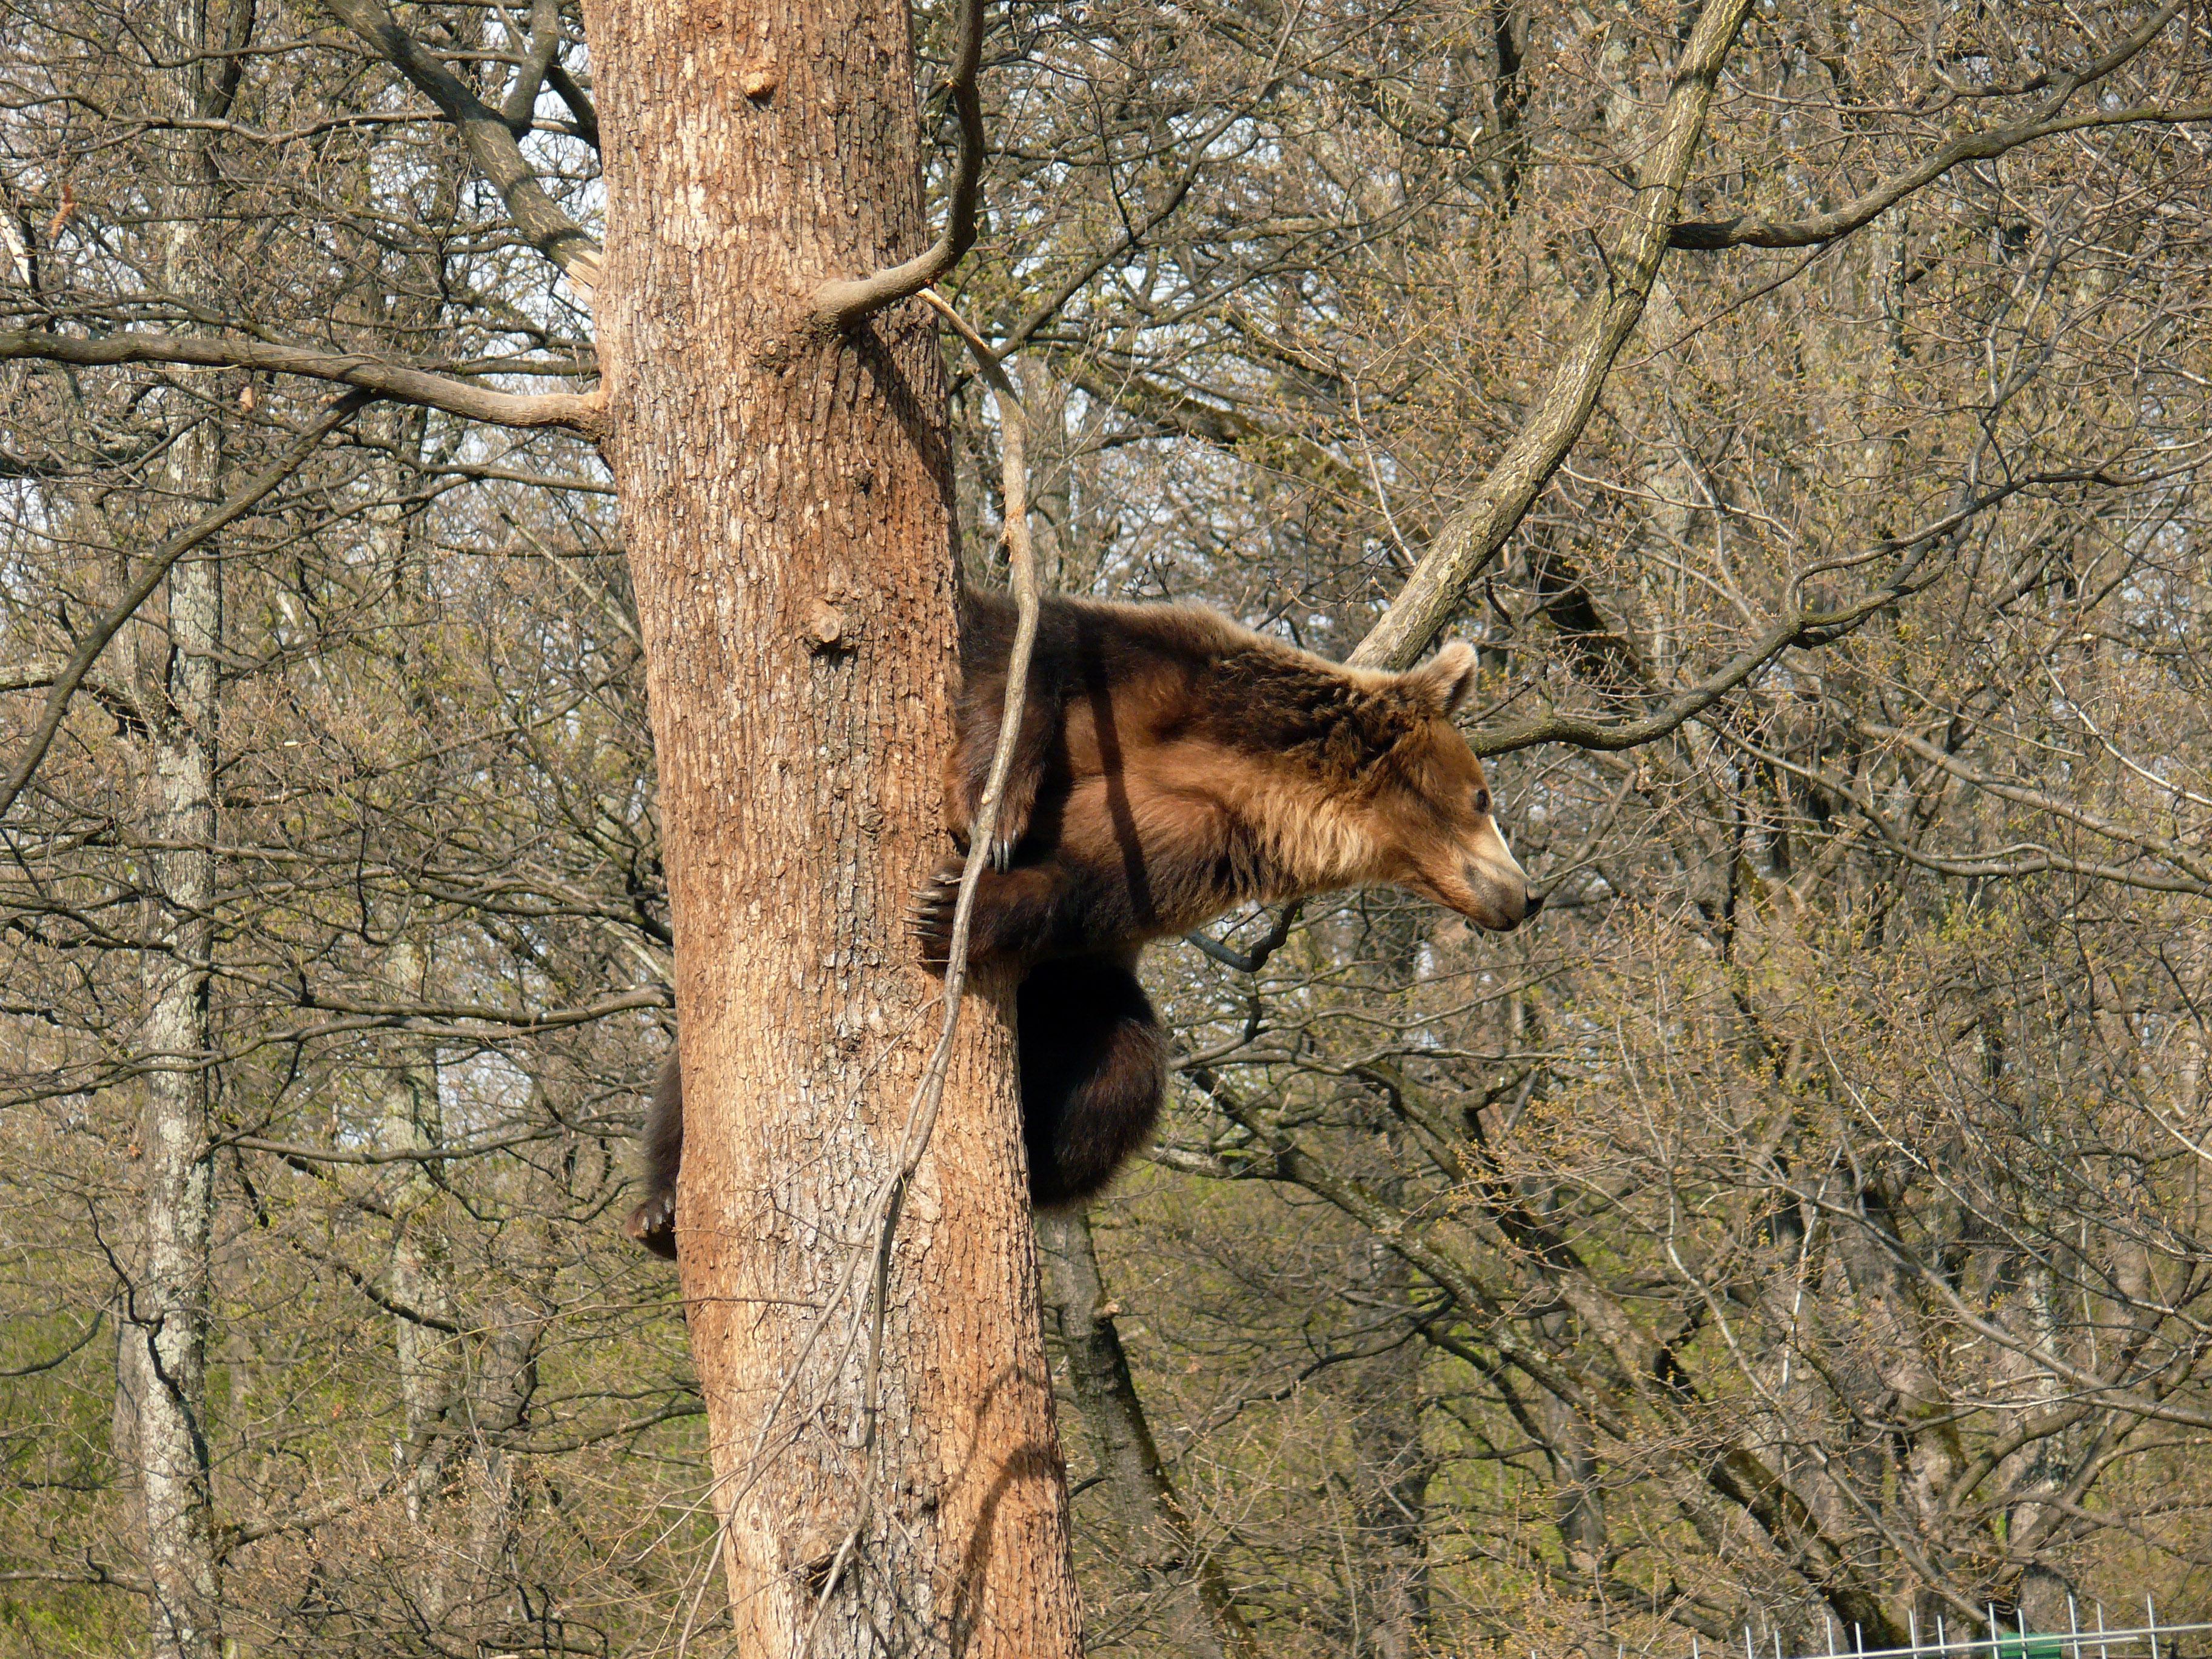 Megszavazták, hogy több medvét lehessen kilőni Romániában